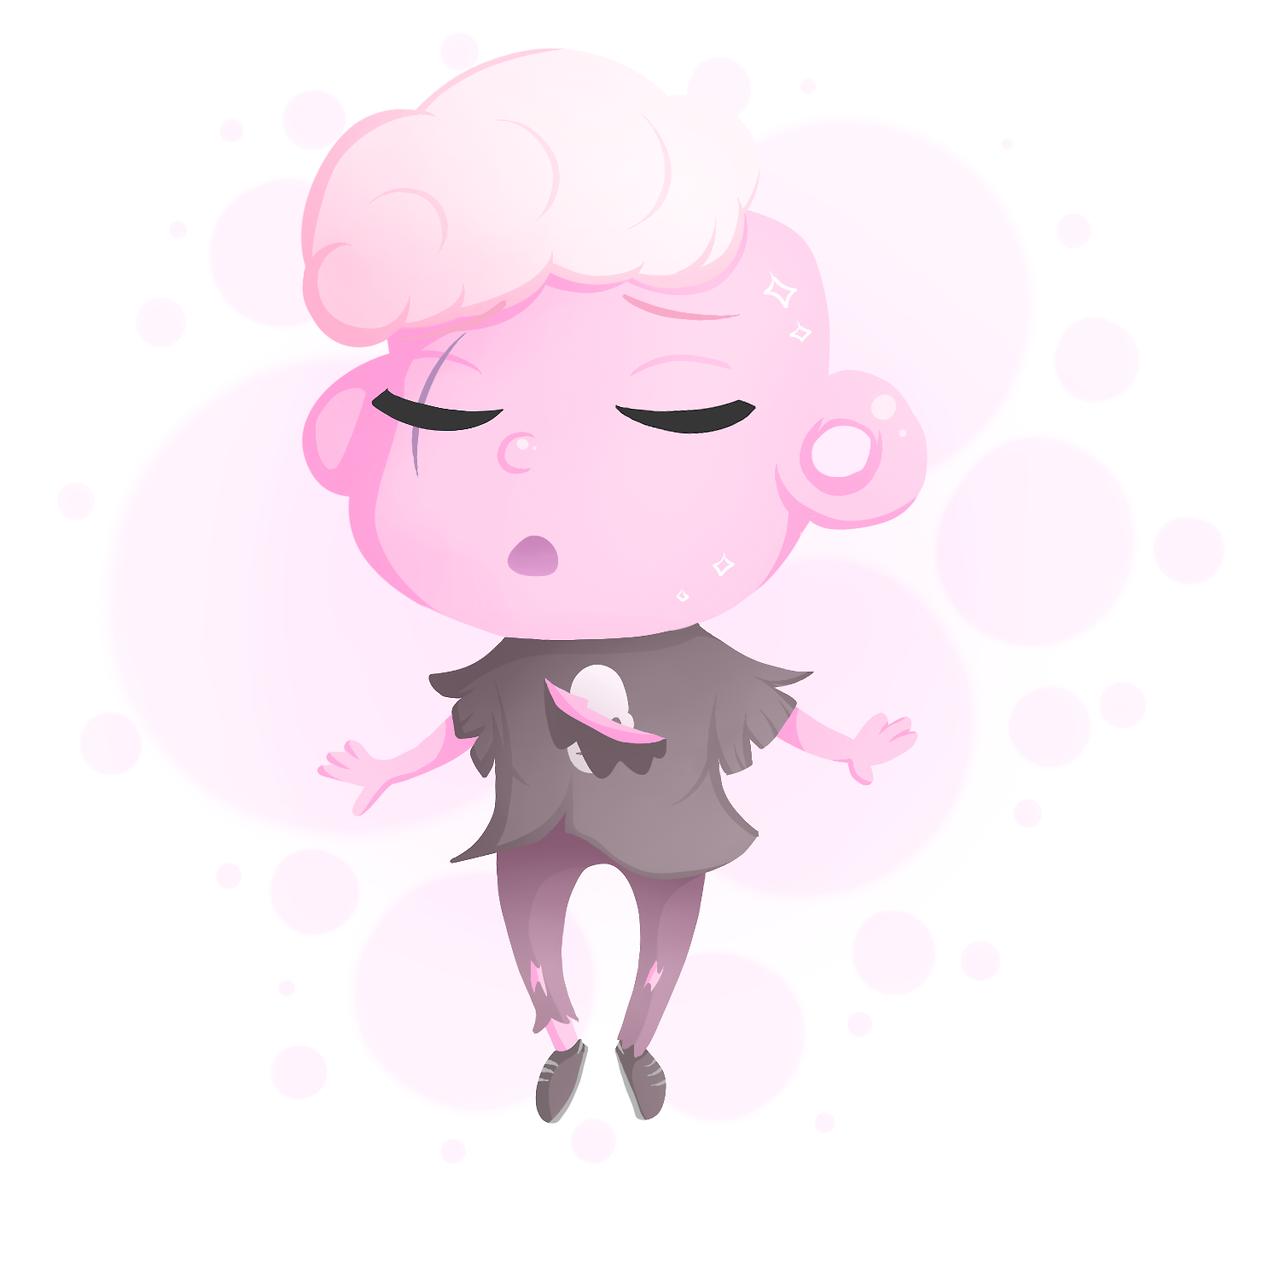 A pink boi